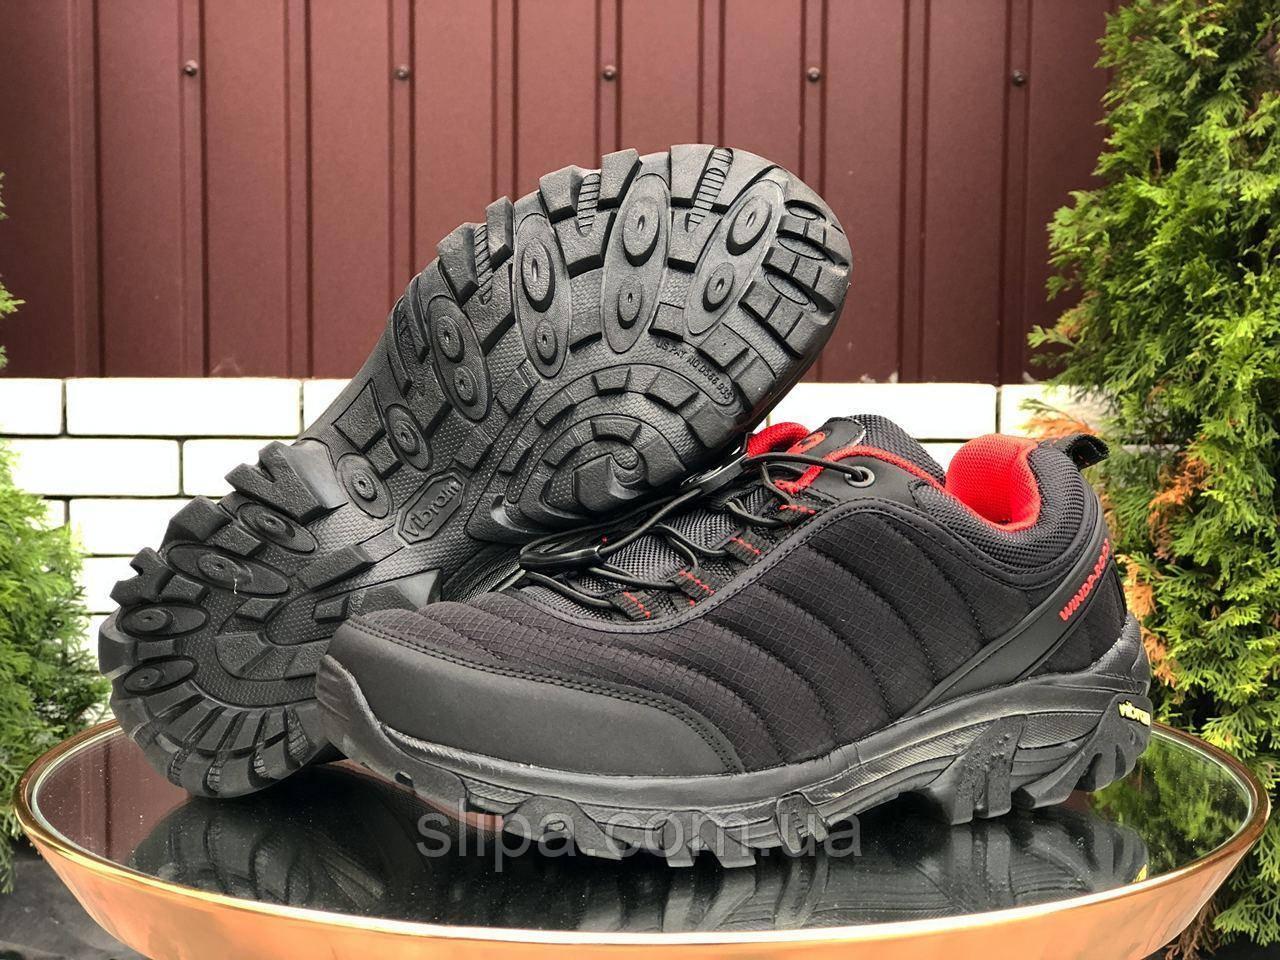 Чоловічі утеплені кросівки Merrell чорні з червоним 44 розмір